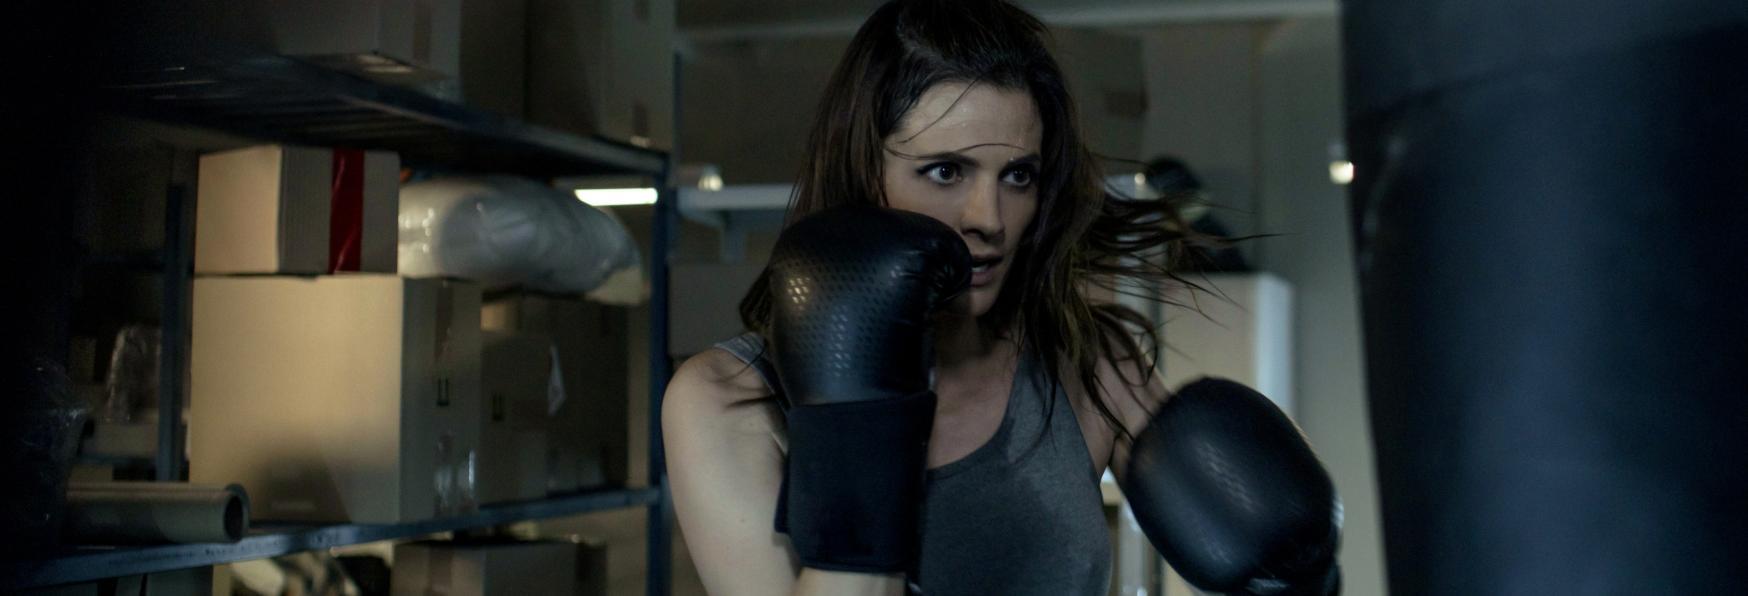 Absentia 3: Trama, Cast, Data e Teorie sulla nuova Stagione della Serie TV Prime Video